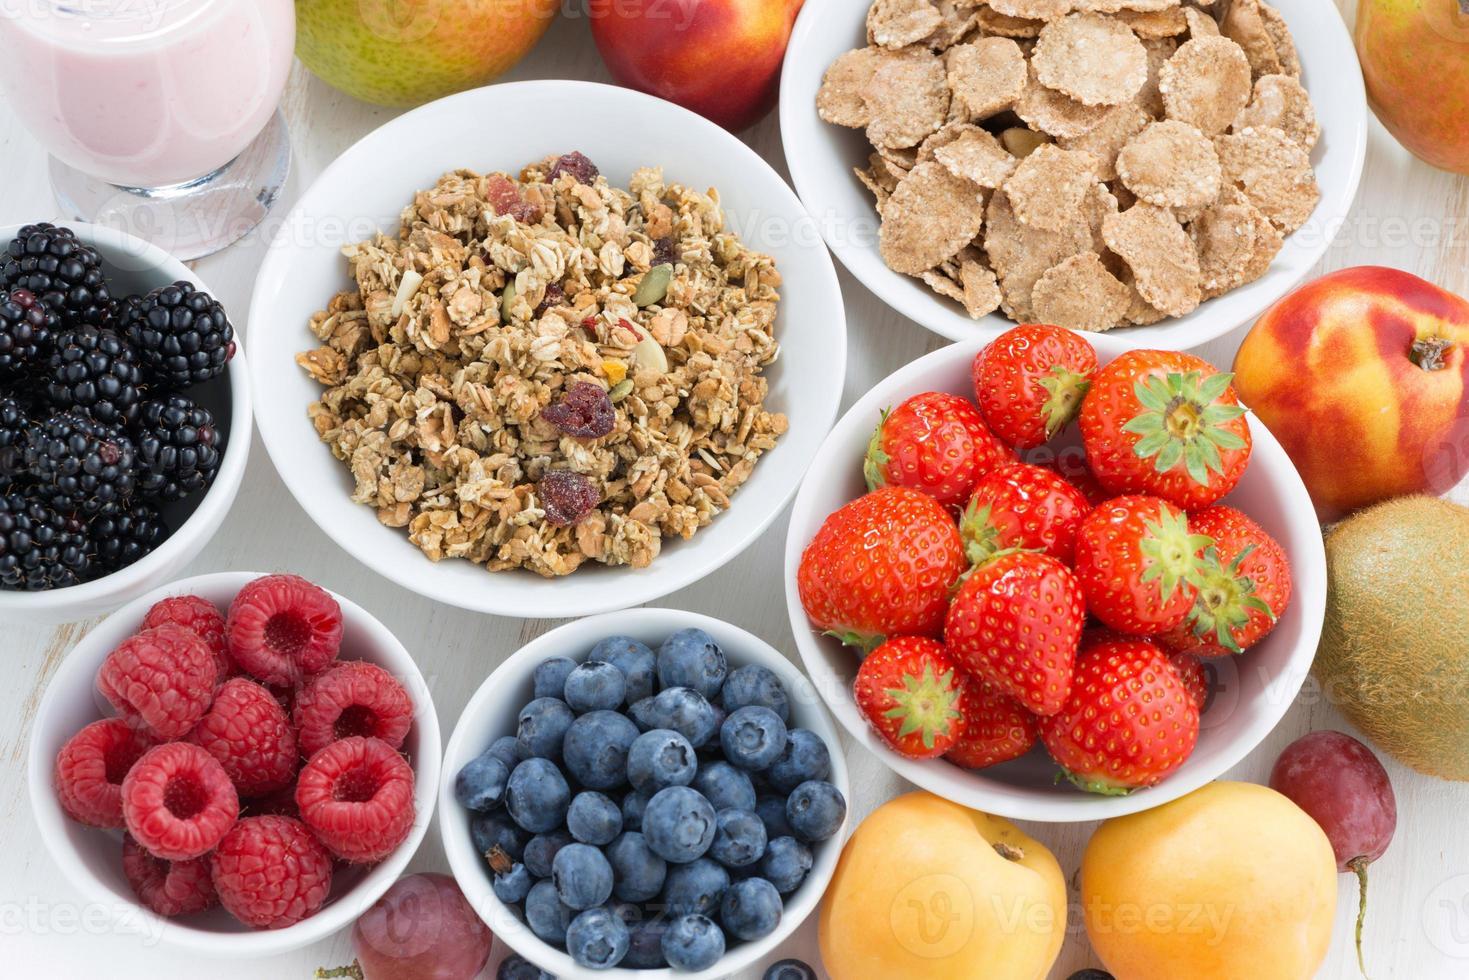 frutti di bosco freschi, frutta e muesli, vista dall'alto foto